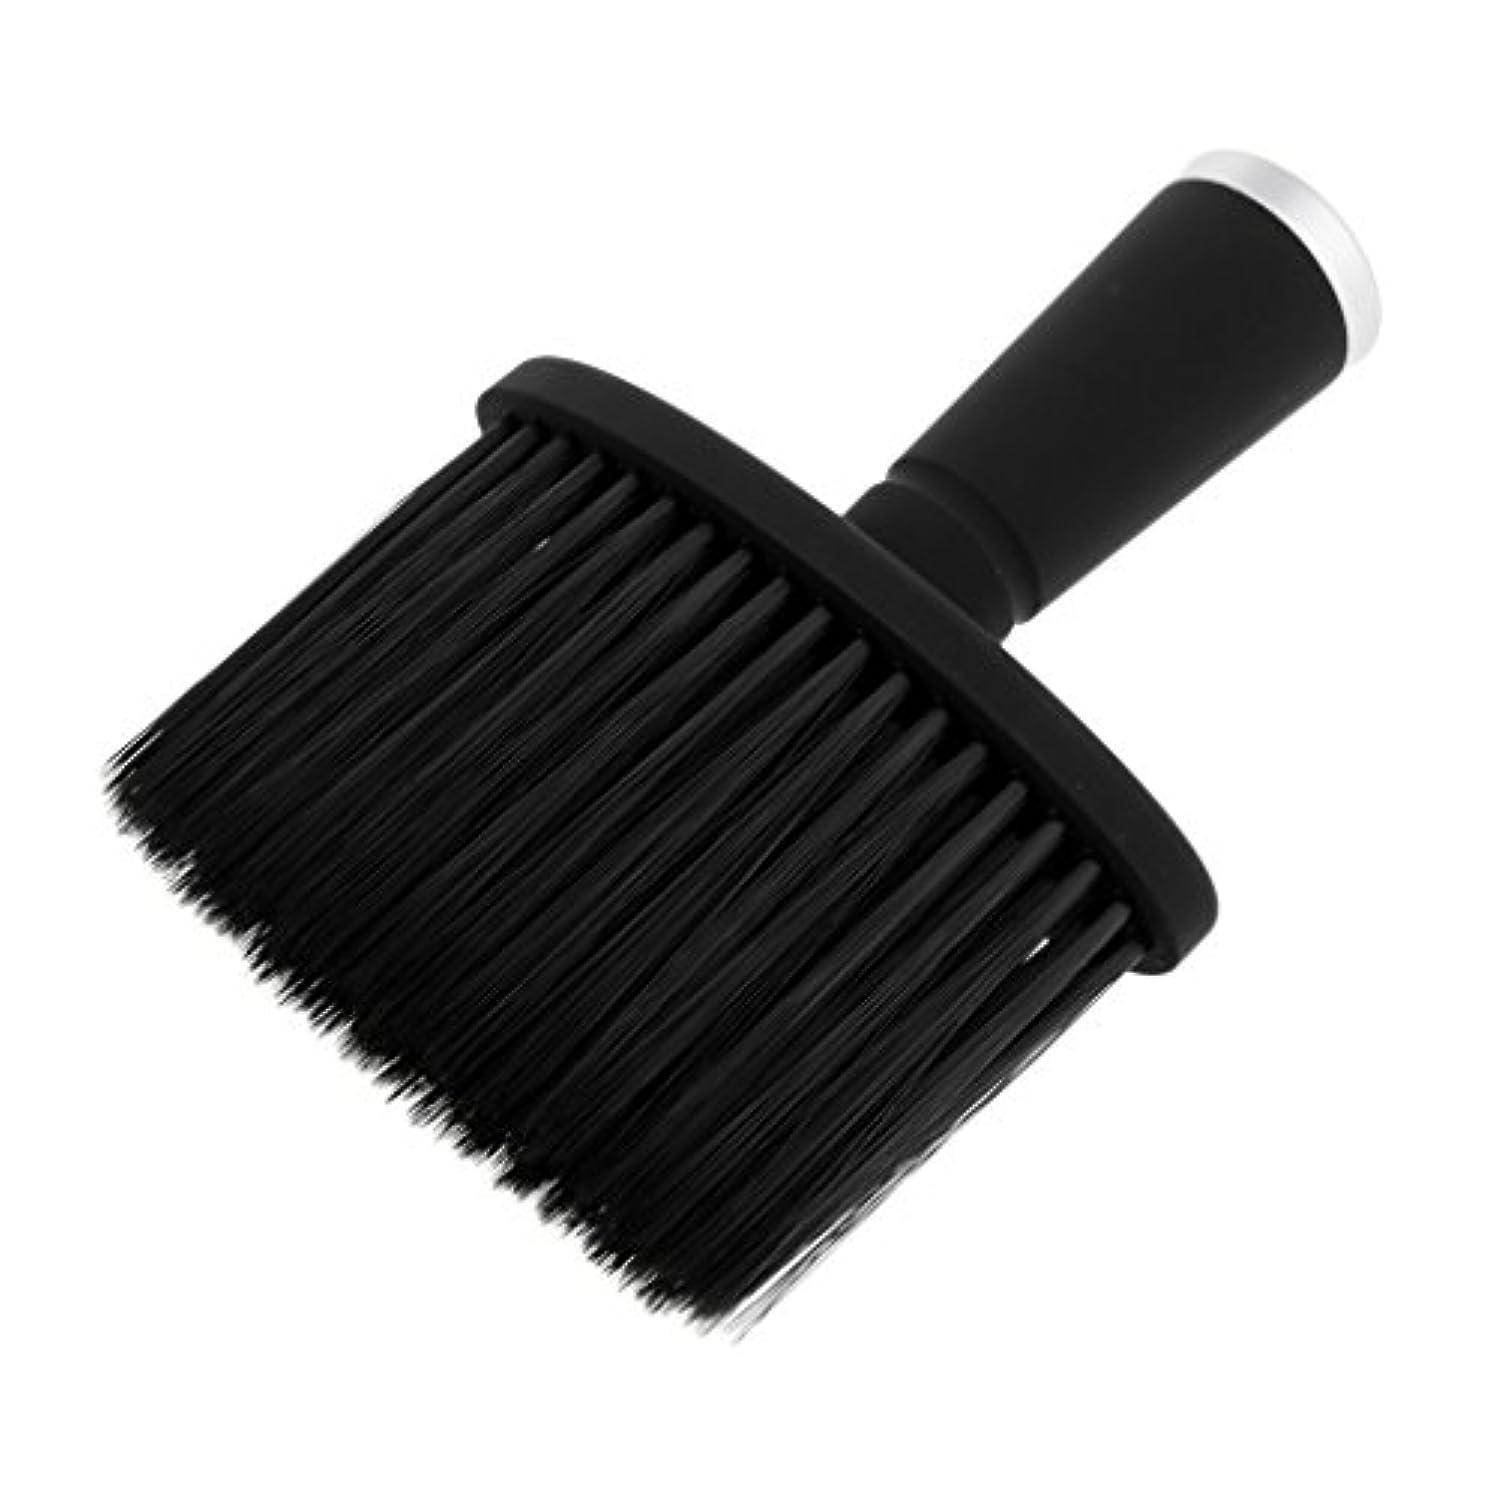 有望まともなケージソフトネックダスターブラシサロンのためのスタイリストの理髪髪ヘアカットメイクツール - 銀